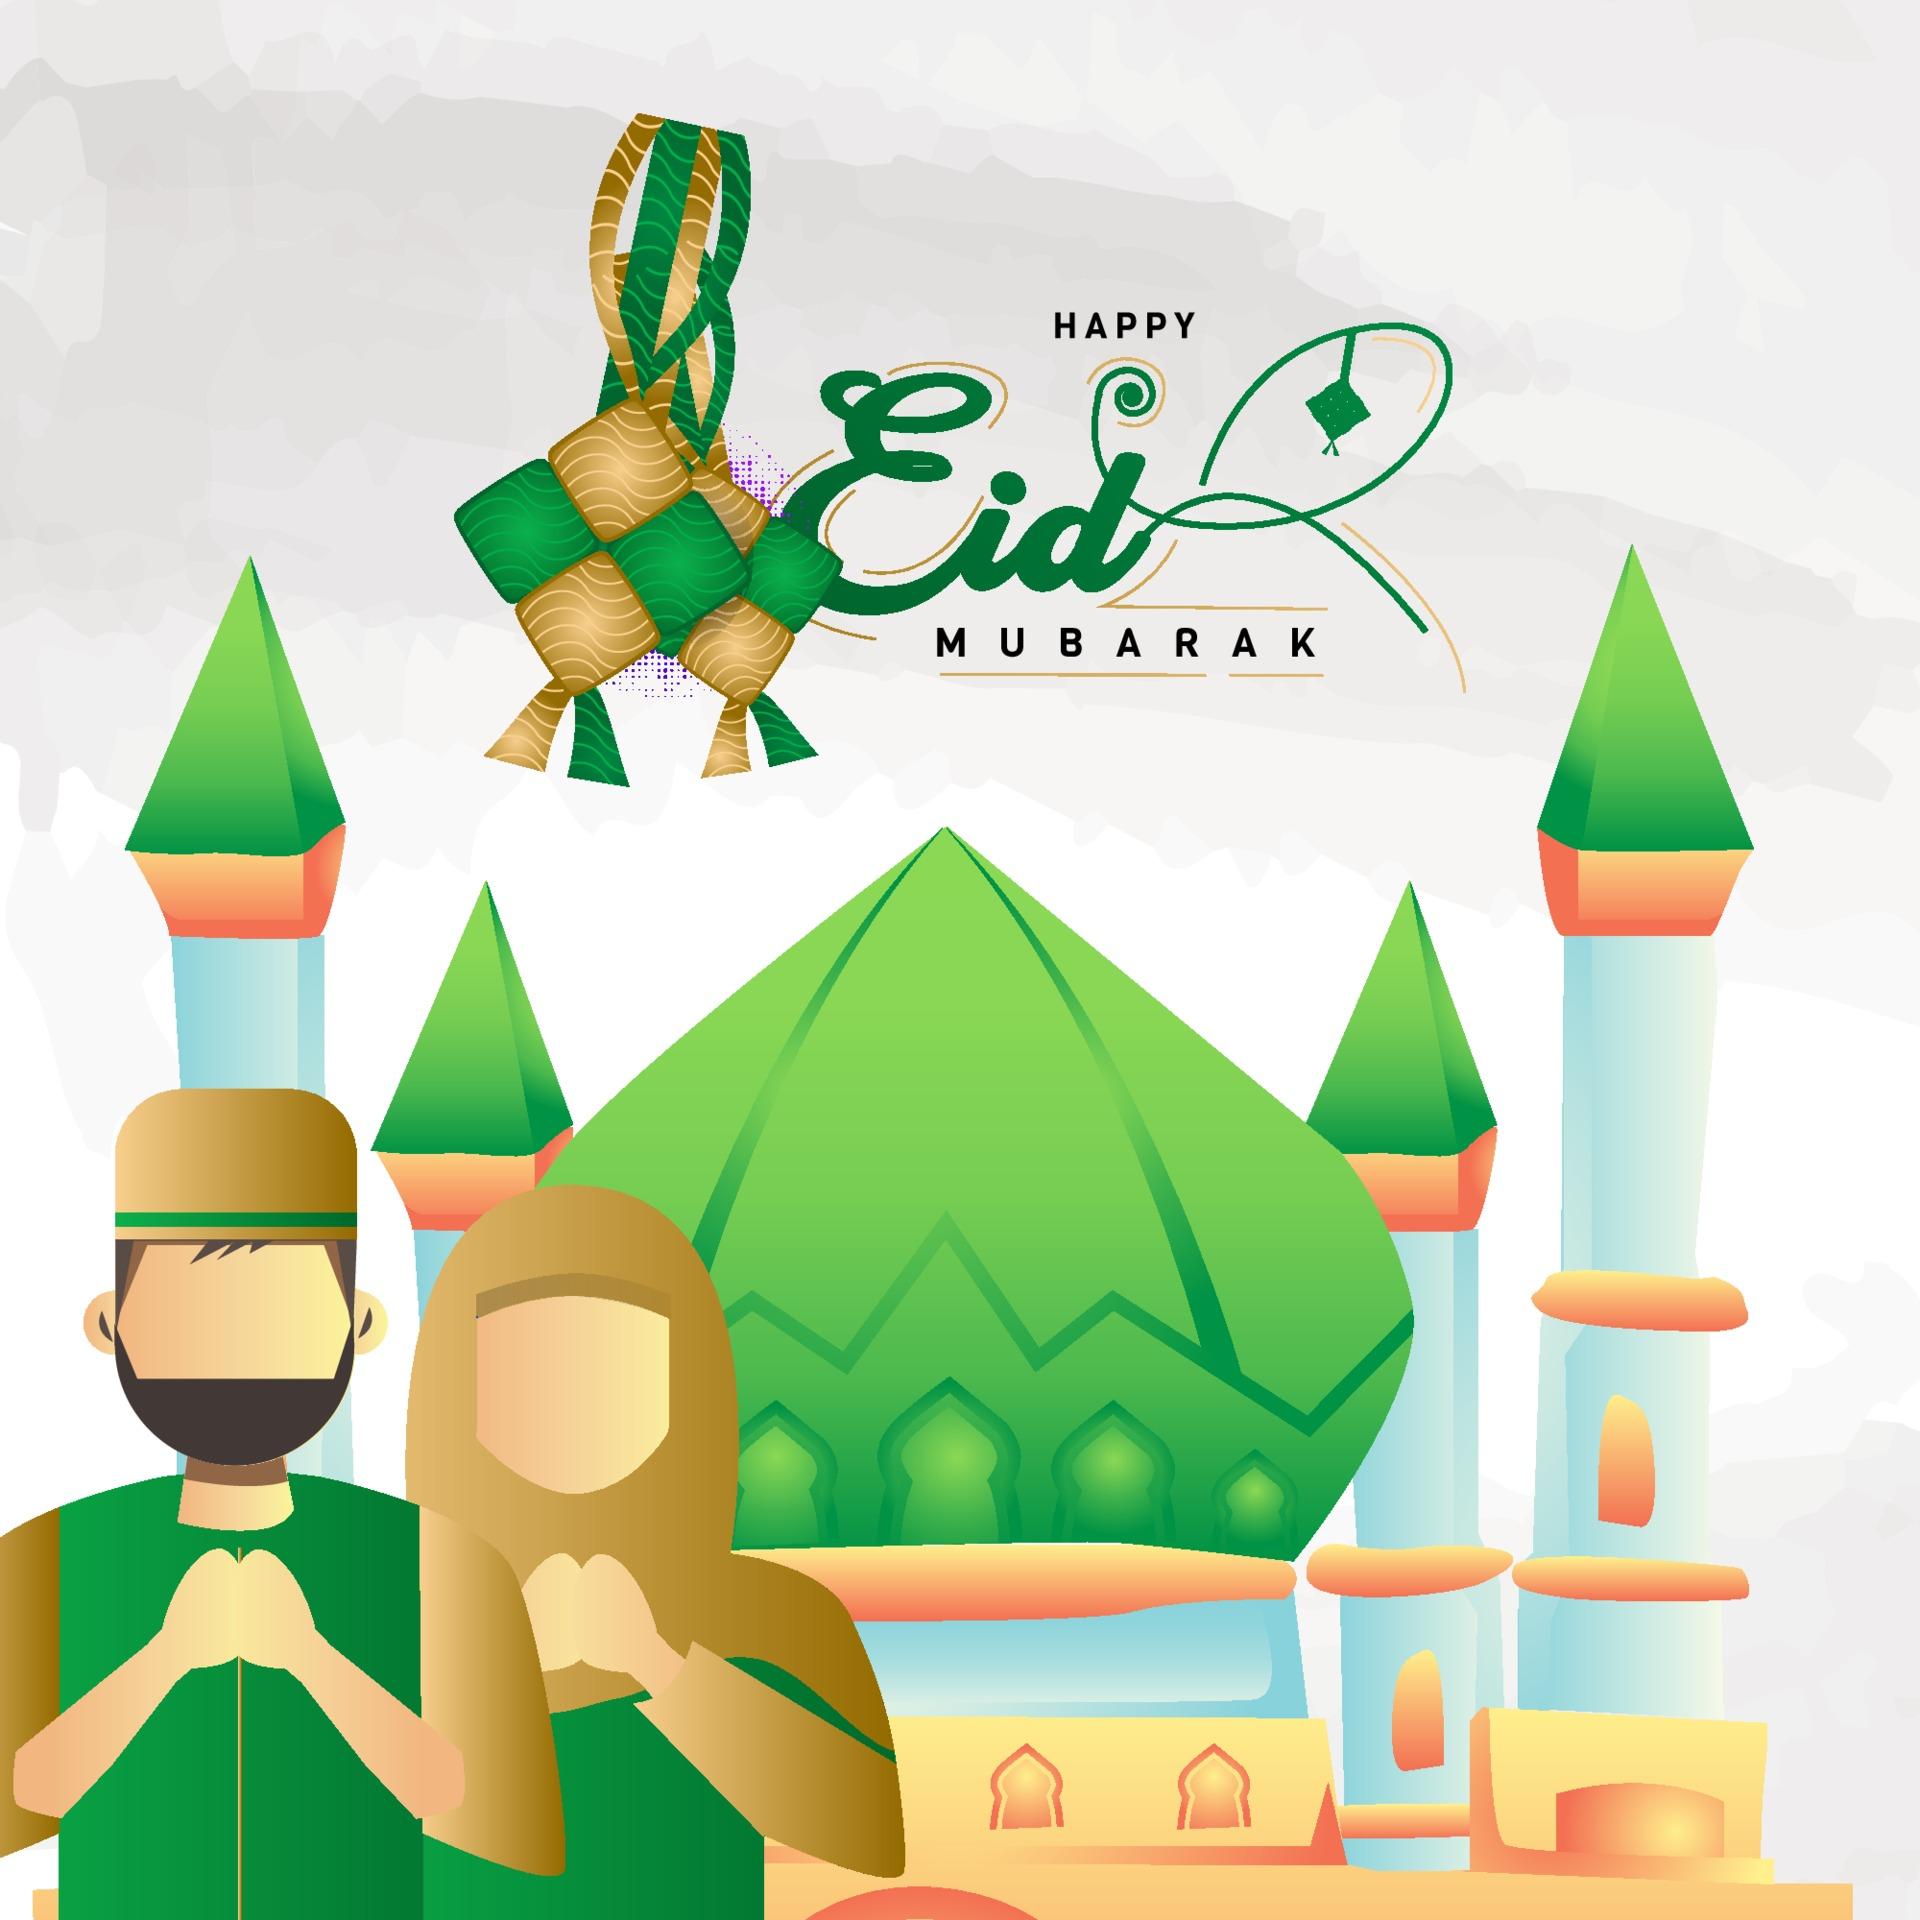 Greeting Card Happy Eid Mubarak Cartoon Illustration Vector 2276663 Download Free Vectors Clipart Graphics Vector Art